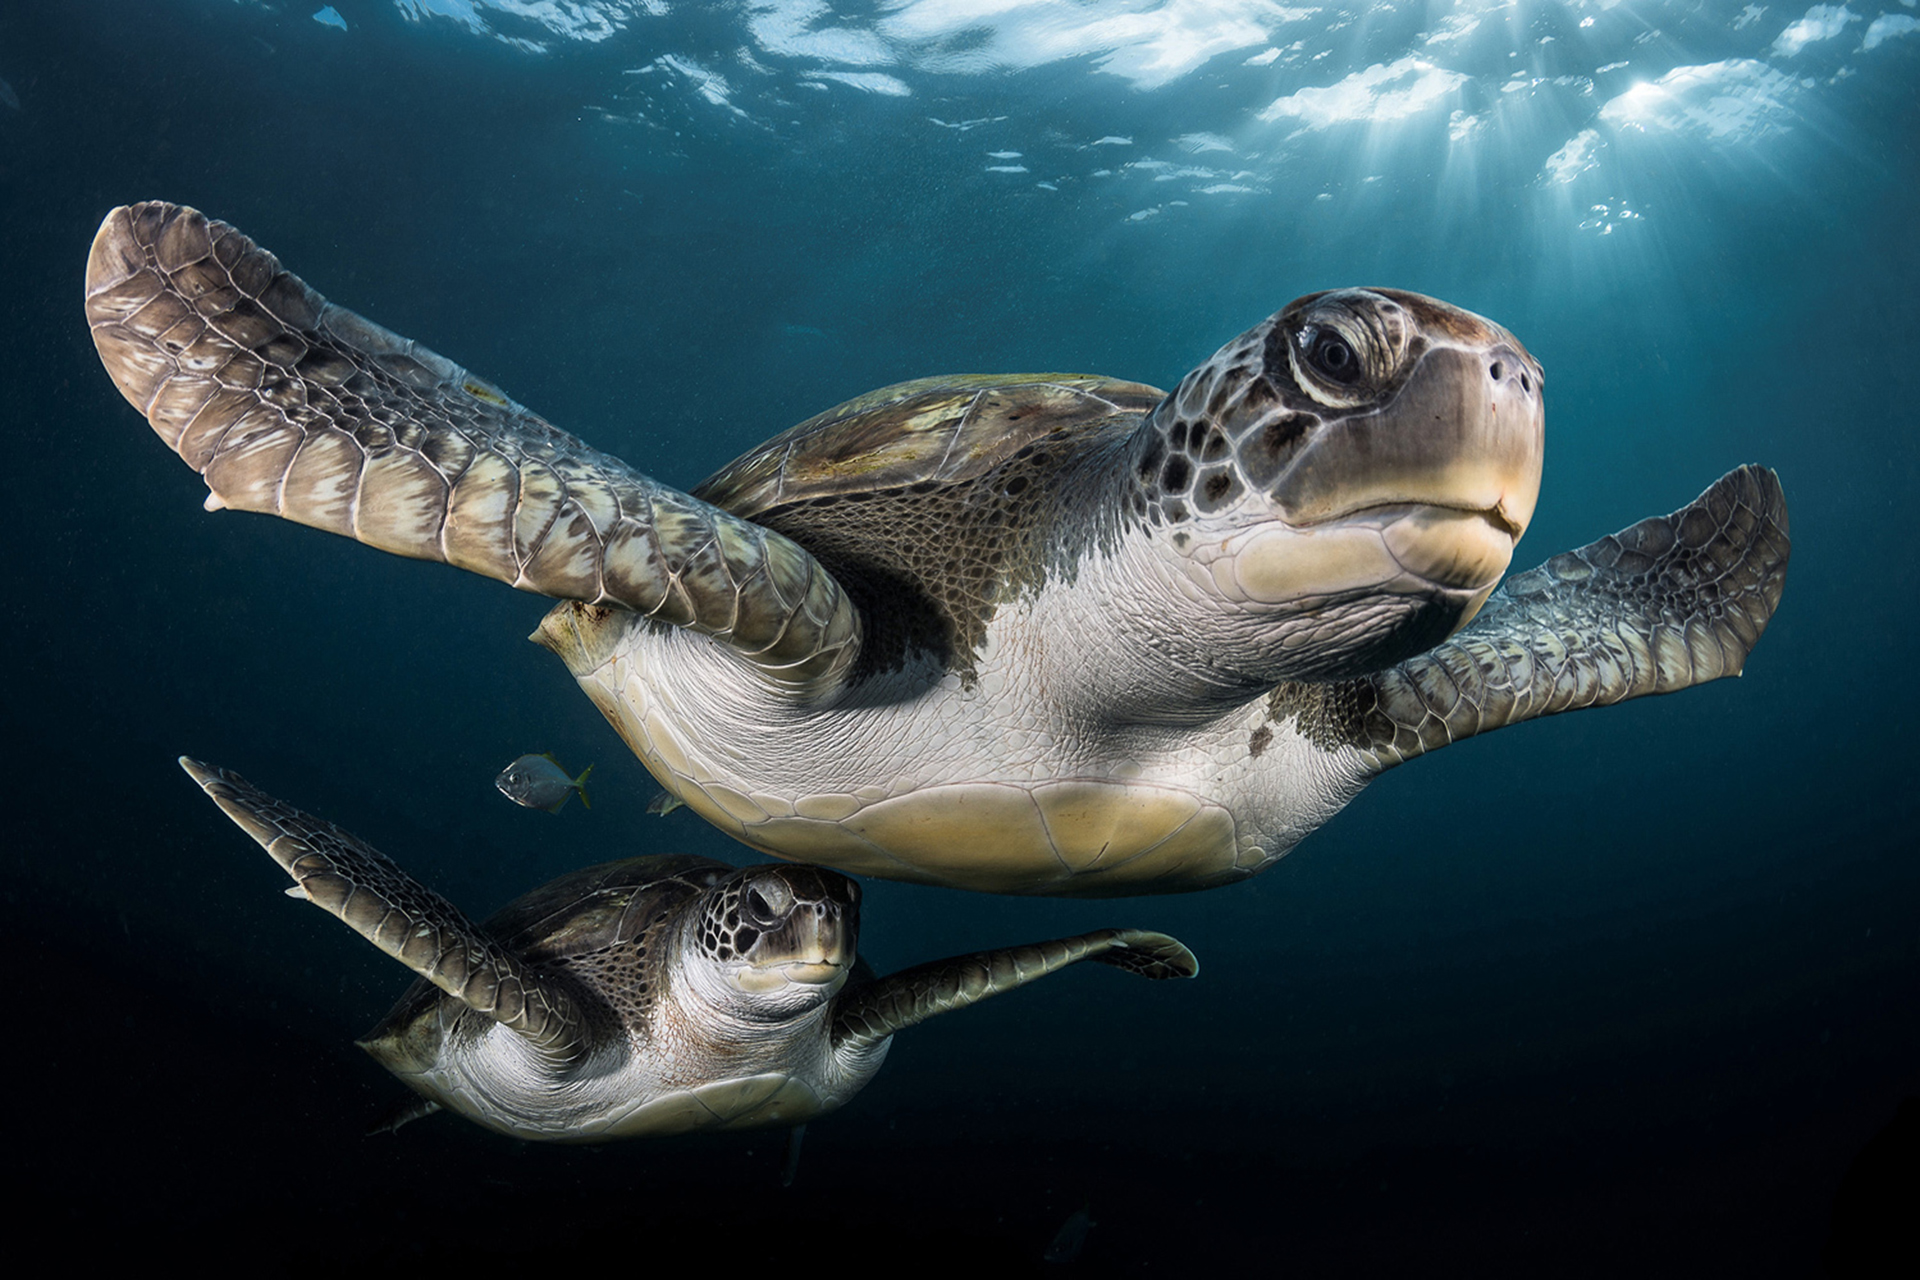 Durante un viaje de buceo en Tenerife, Greg Lecoeur de encontró con estas tortugas verdes